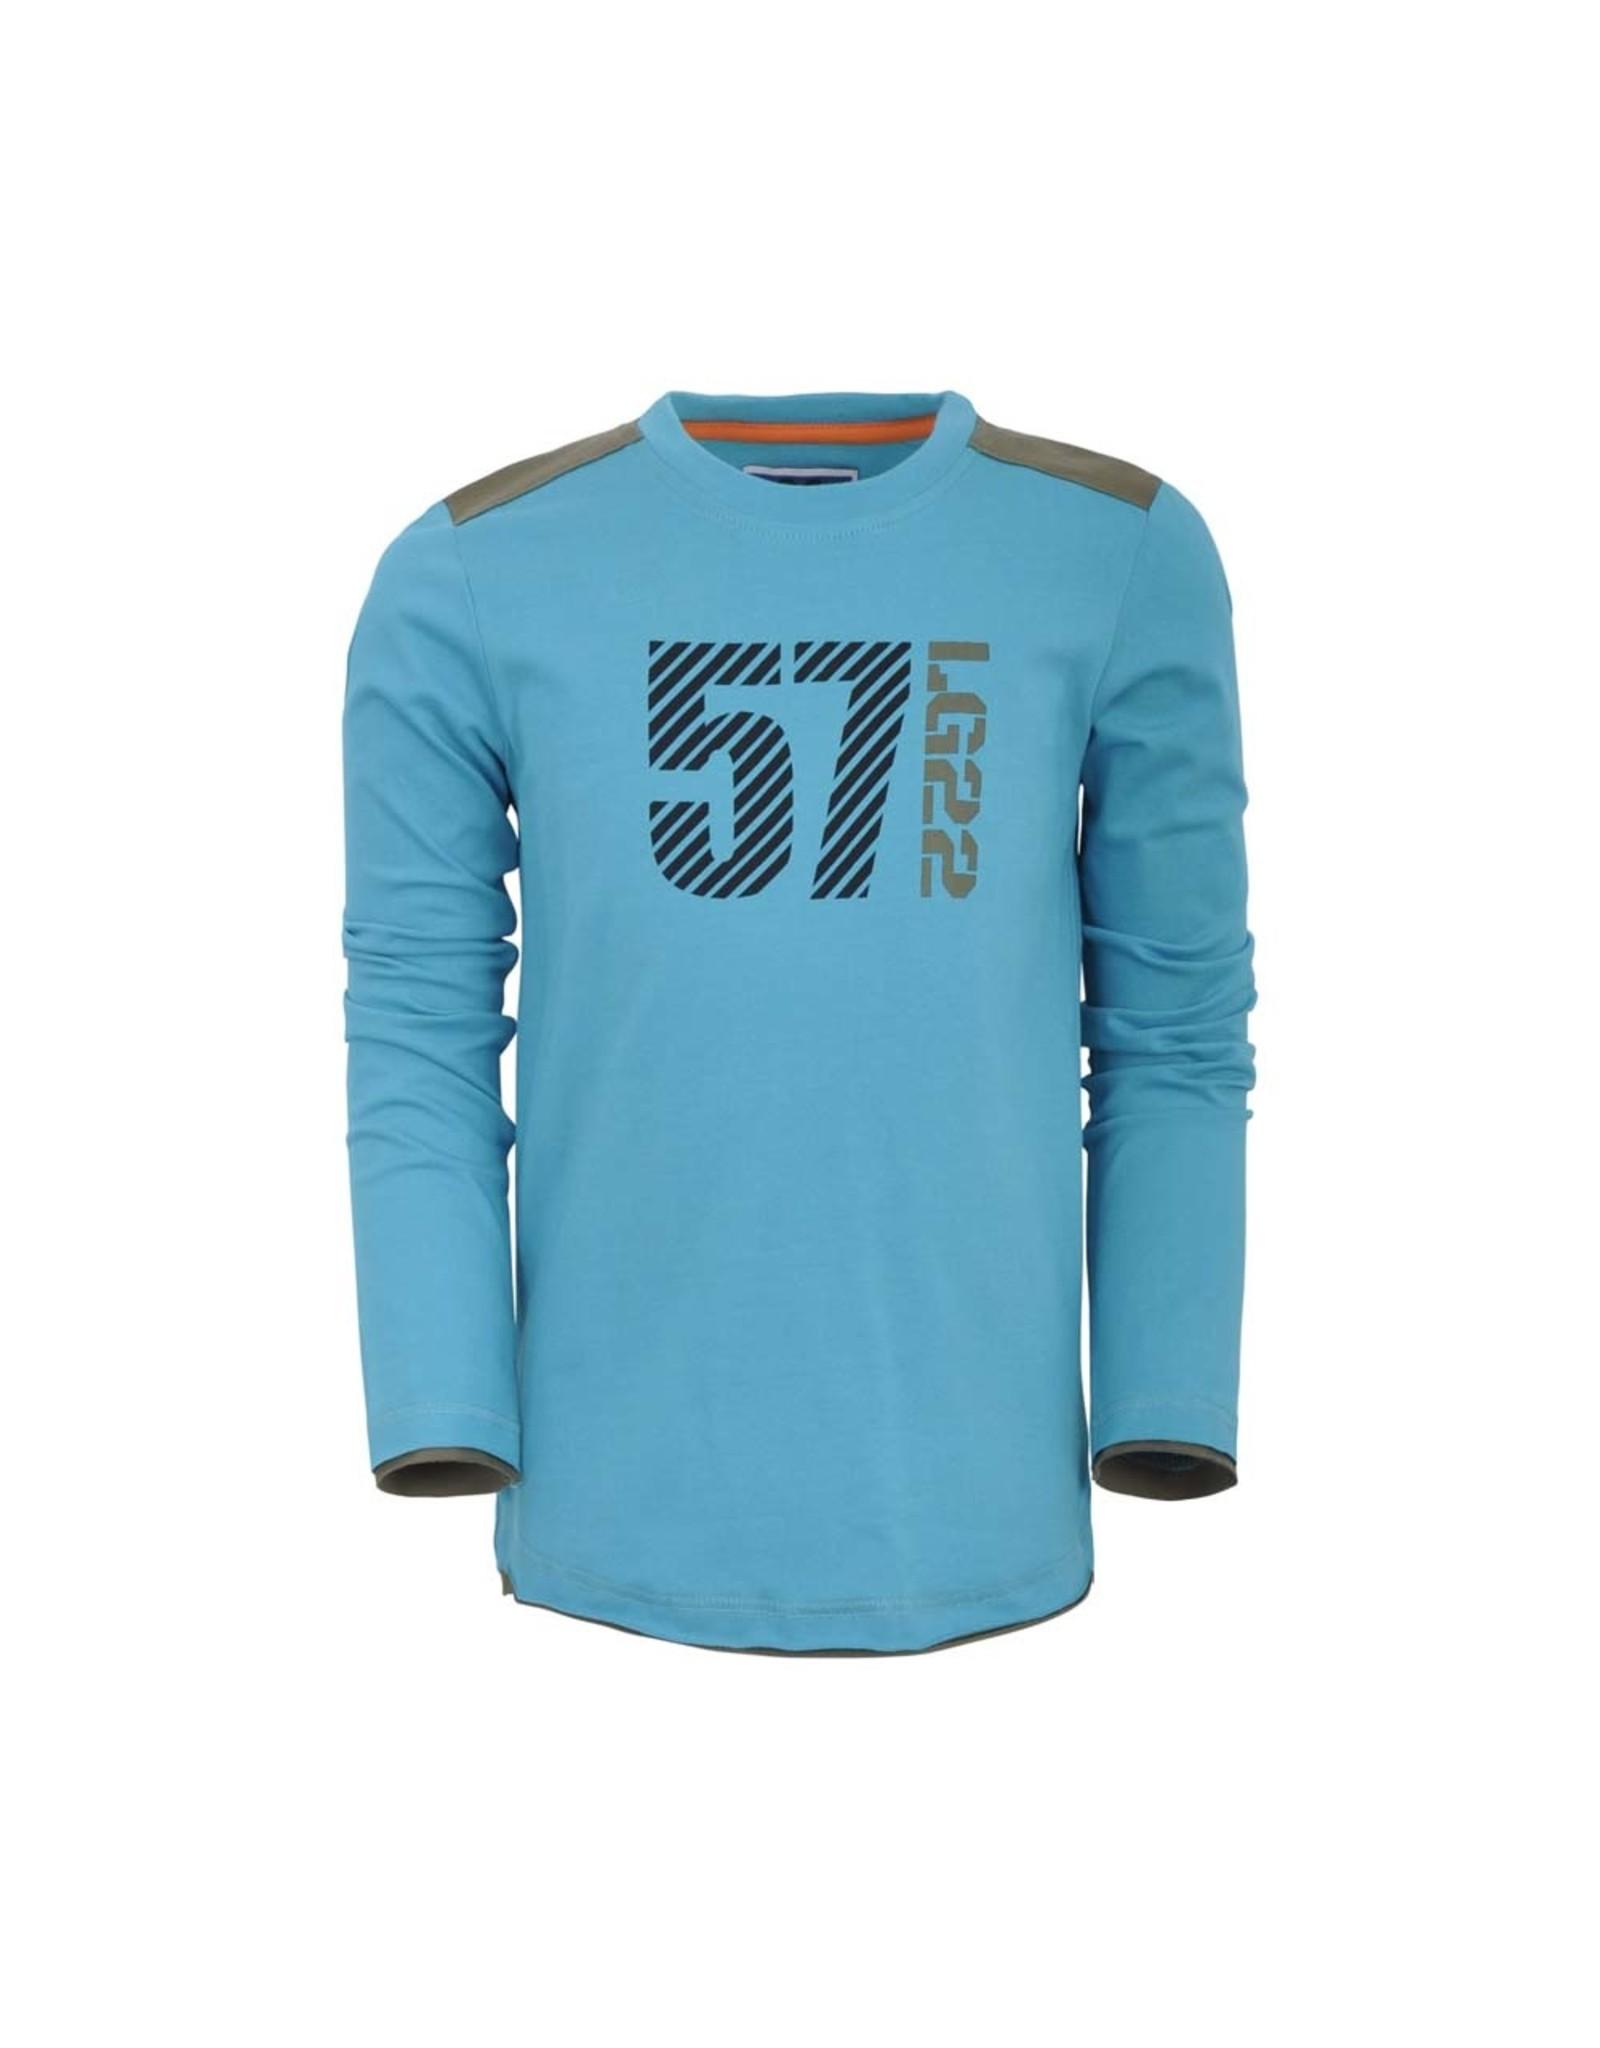 Legends Legends jongens shirt Finn Blue Tile